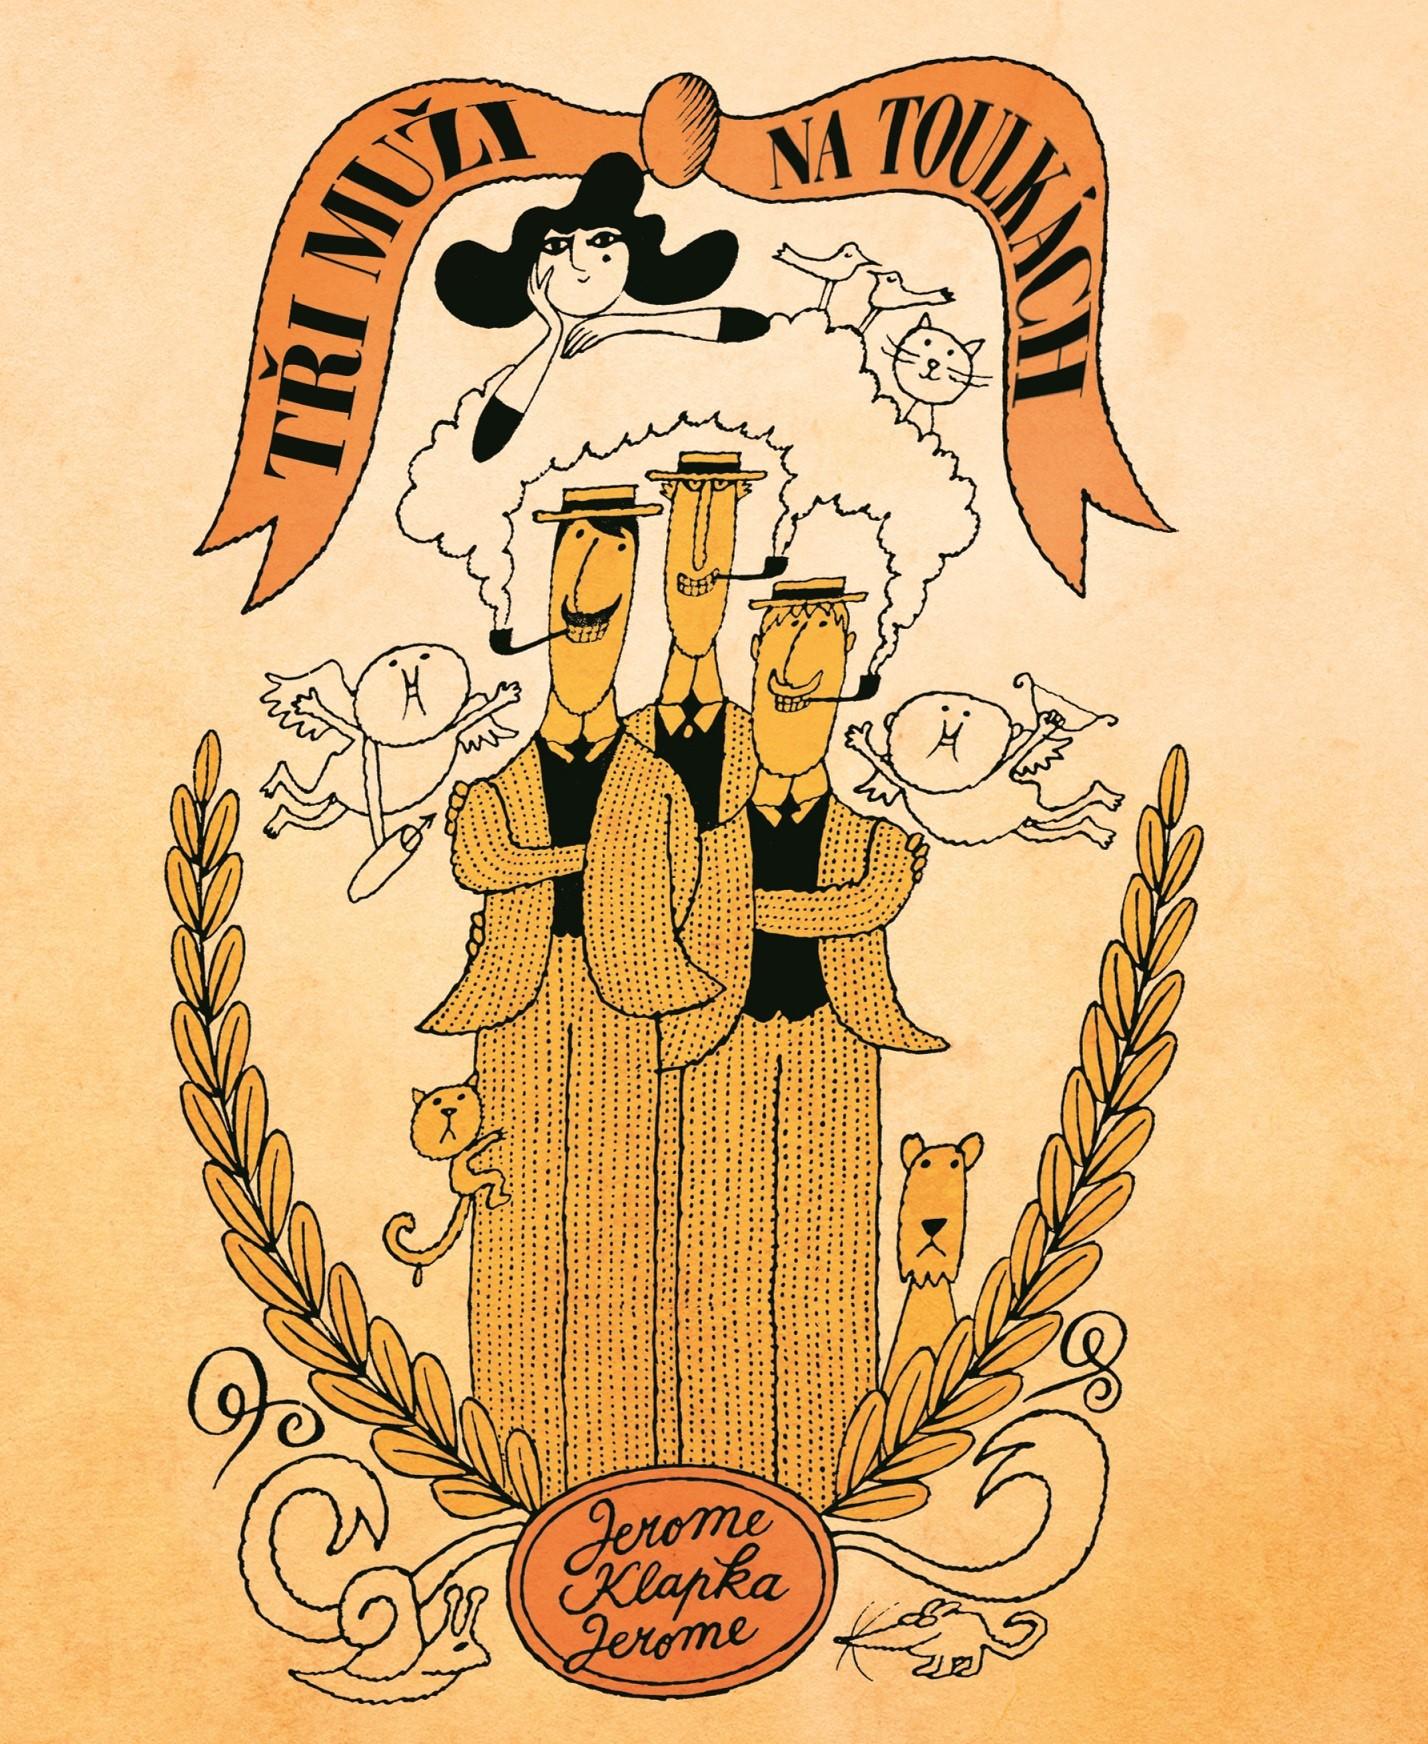 Tři muži na toulkách | Jerome Klapka Jerome